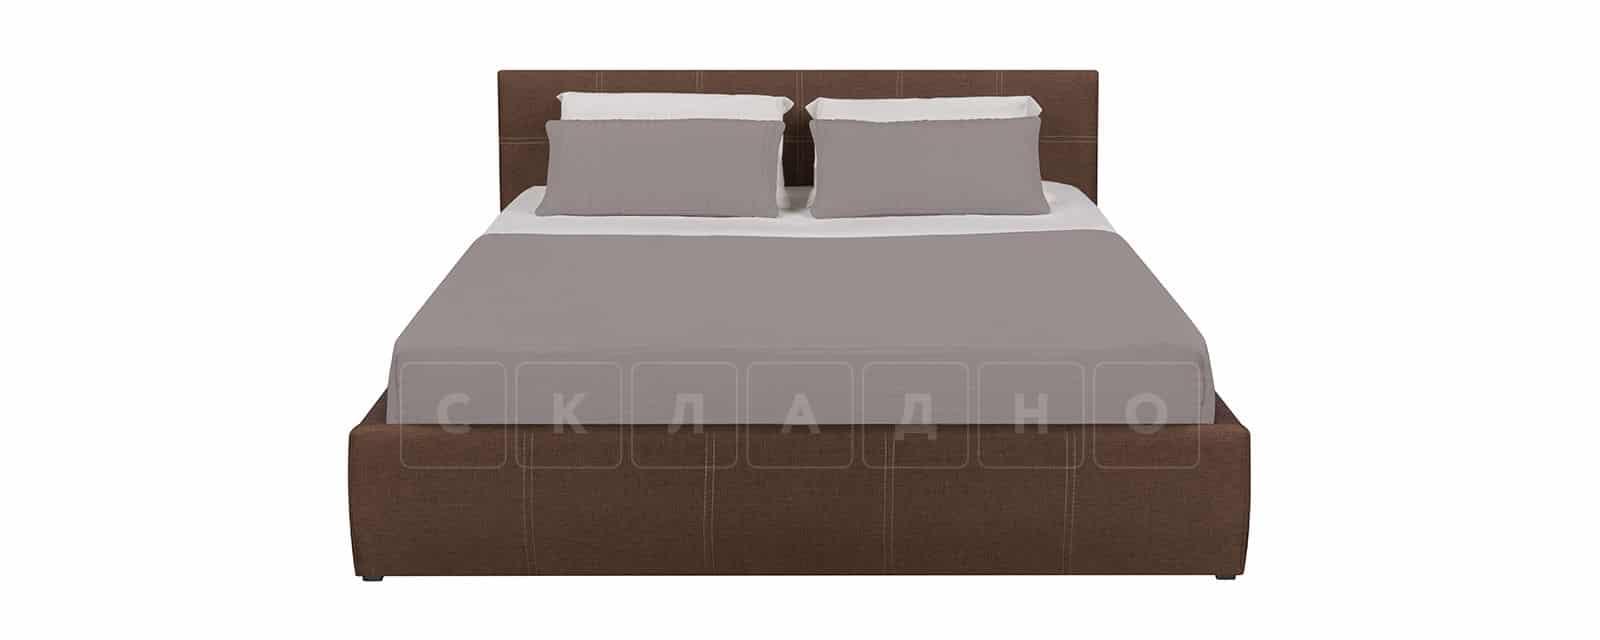 Мягкая кровать Афина 160см рогожка коричневого цвета фото 3 | интернет-магазин Складно